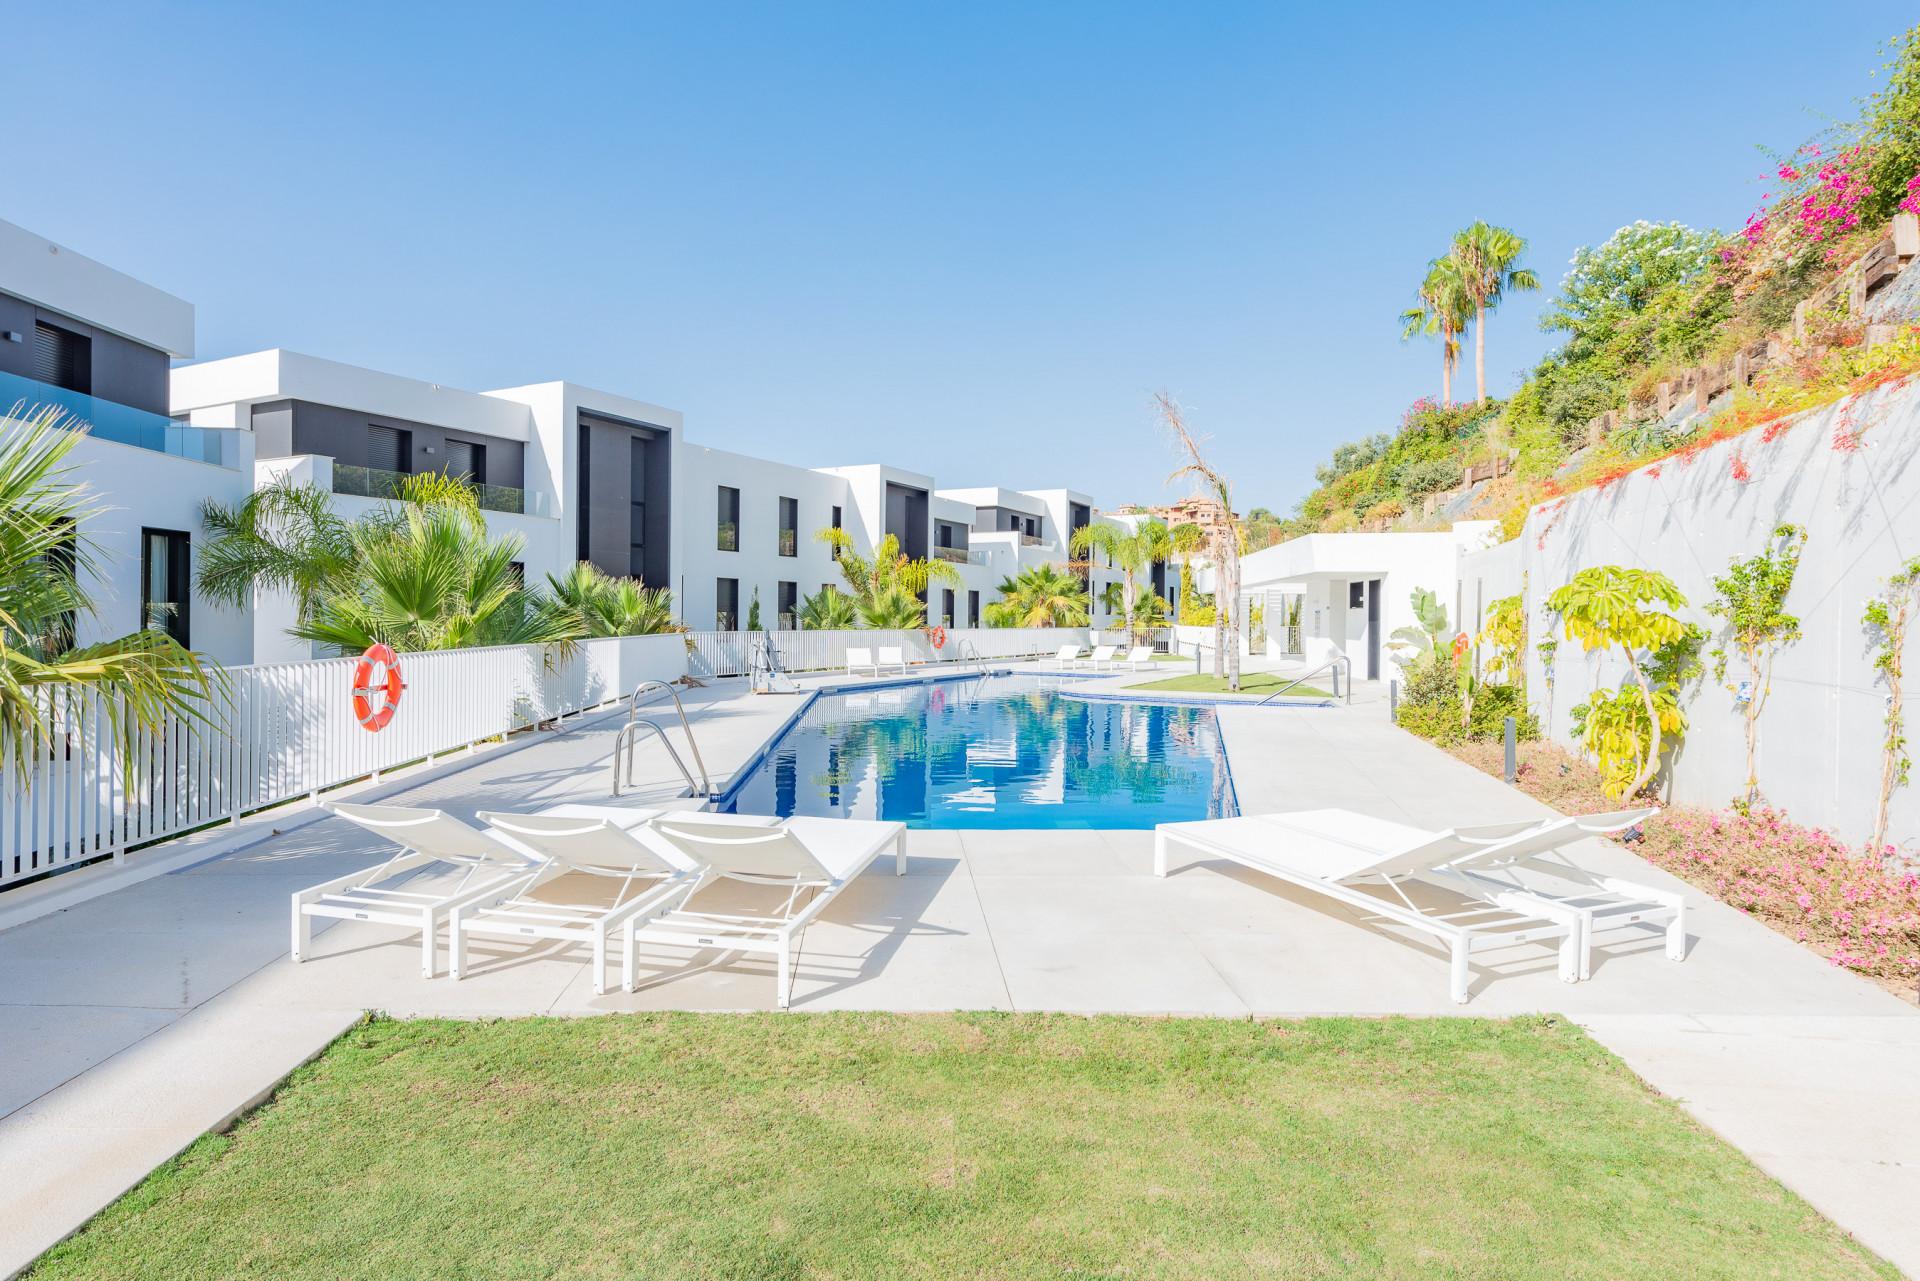 ARFA1398 - Wunderschöne Wohnung mit Meerblick zum Verkauf in Nueva Andalucia in Marbella